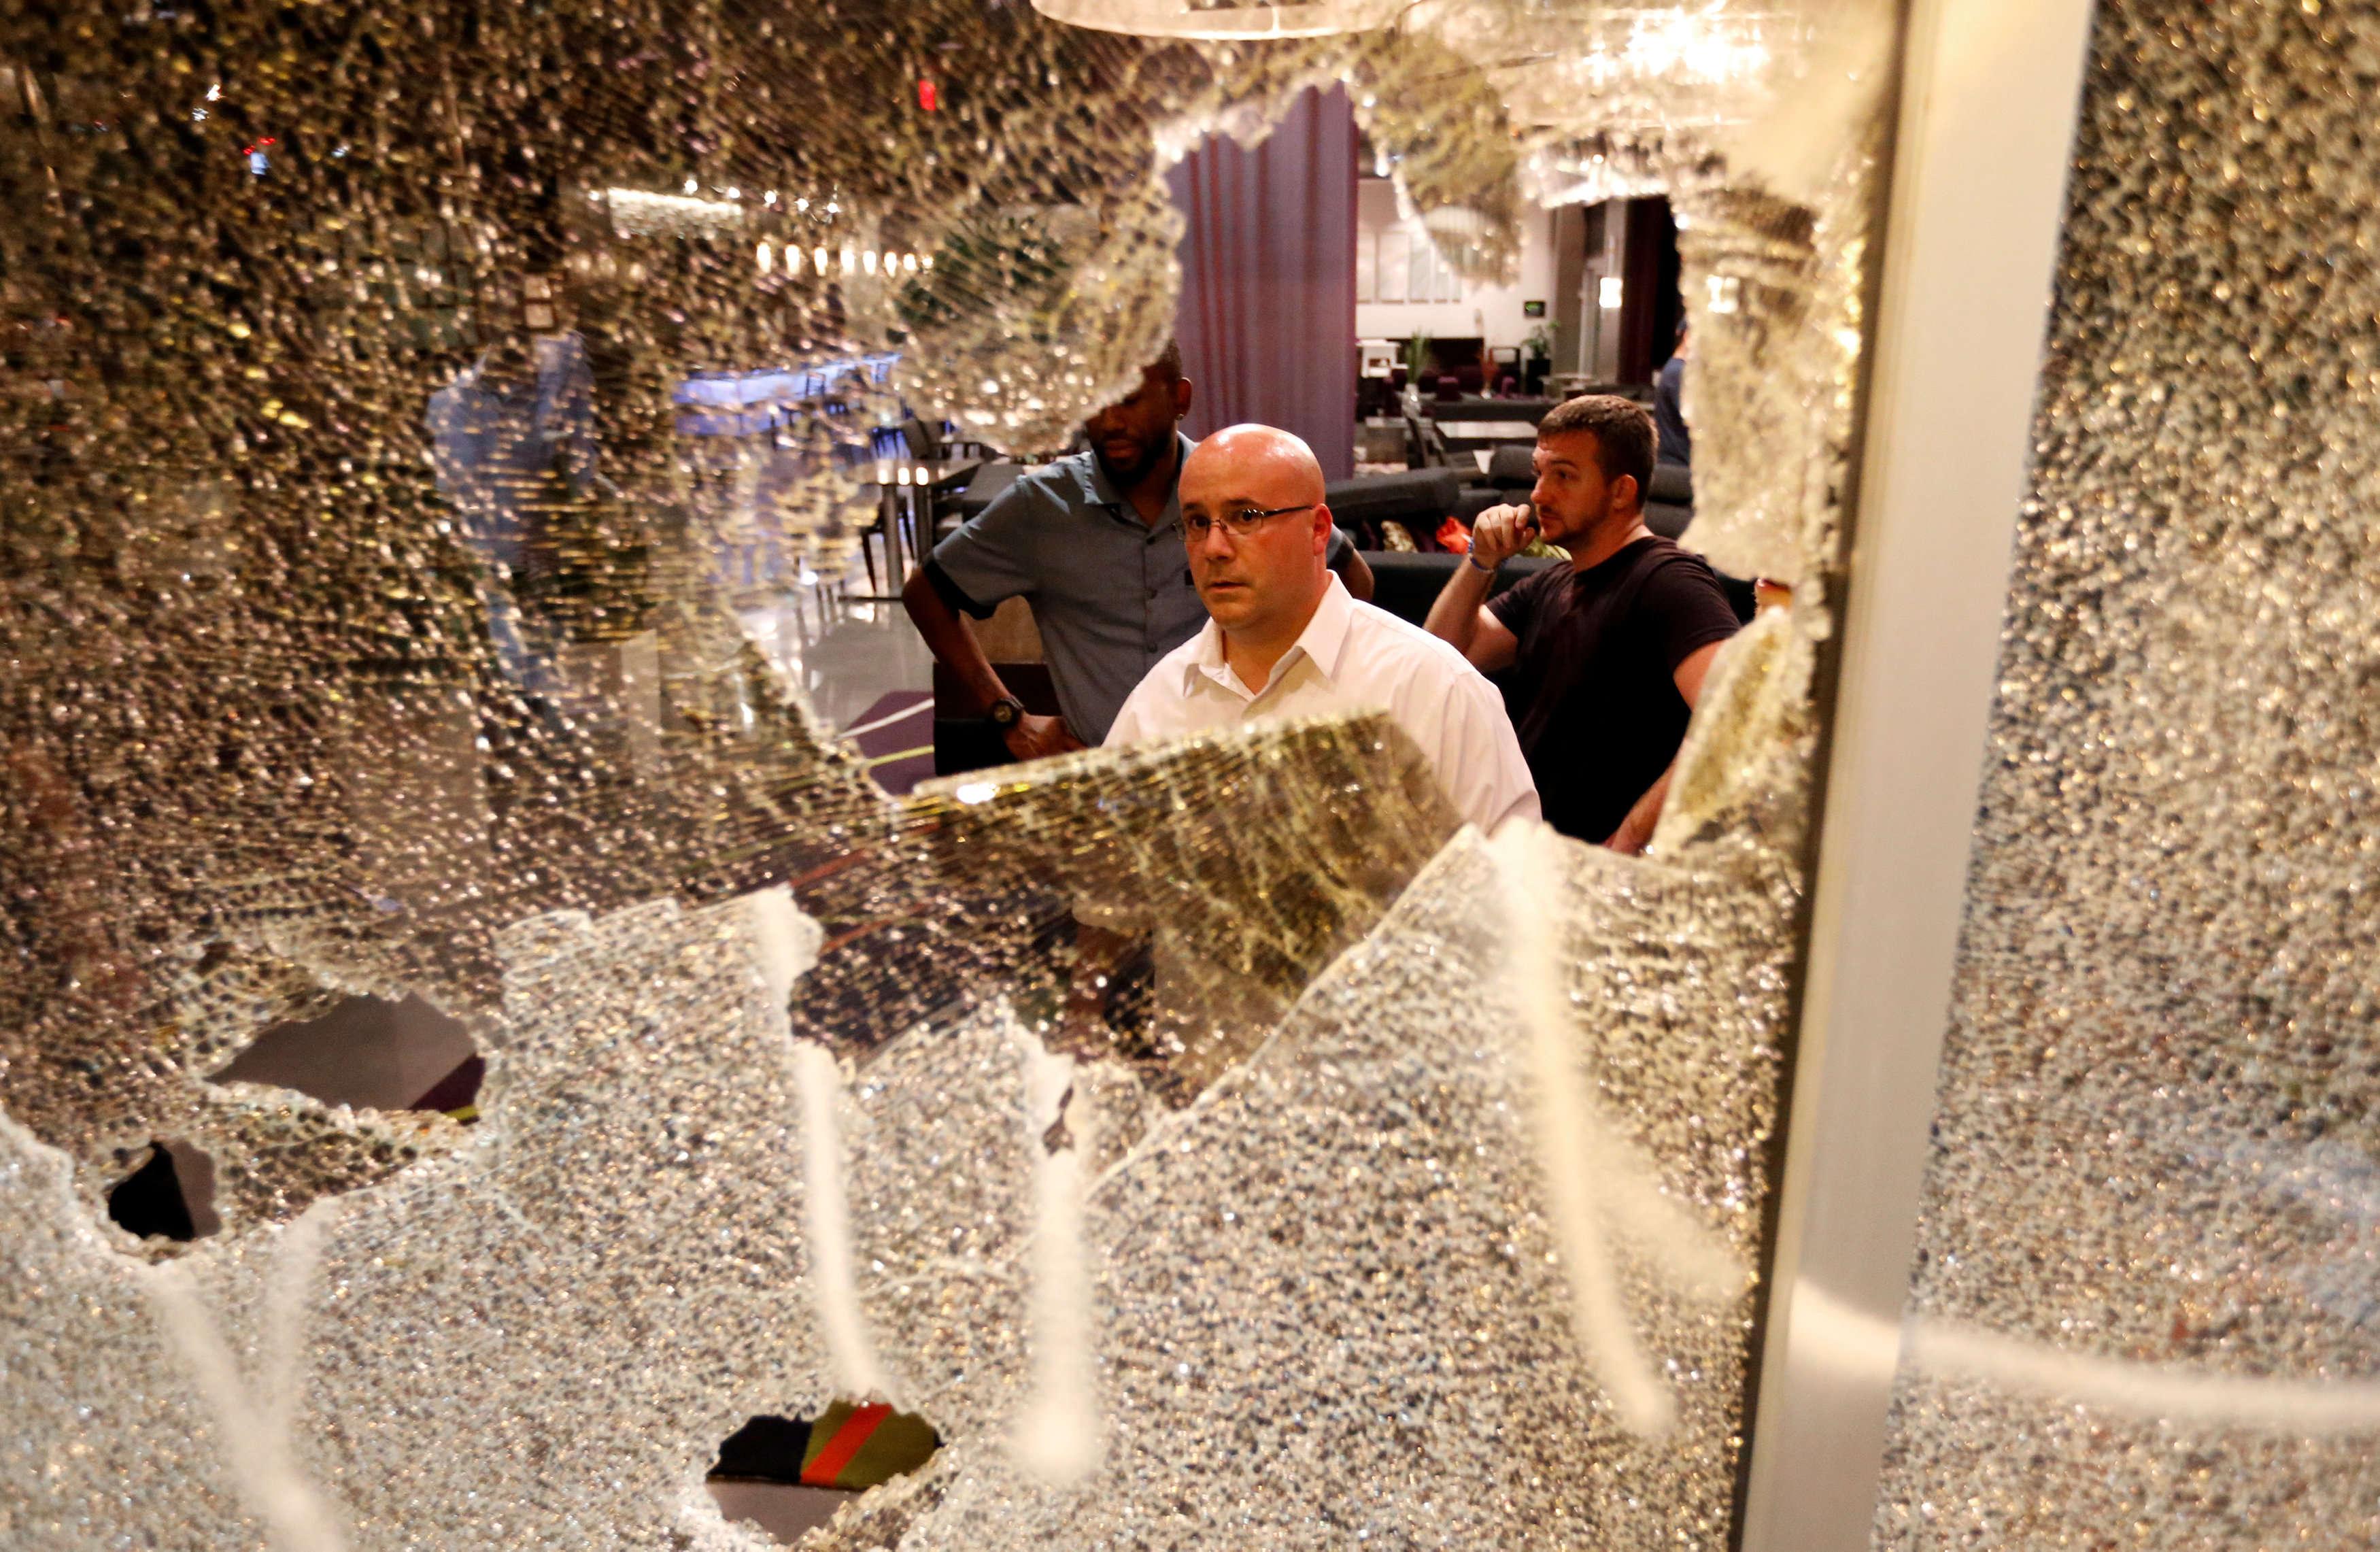 Une vitre brisée de l'hôtelHyatt House, situé dans les quartiers chics de la ville de Charlotte, le 22 septembre.